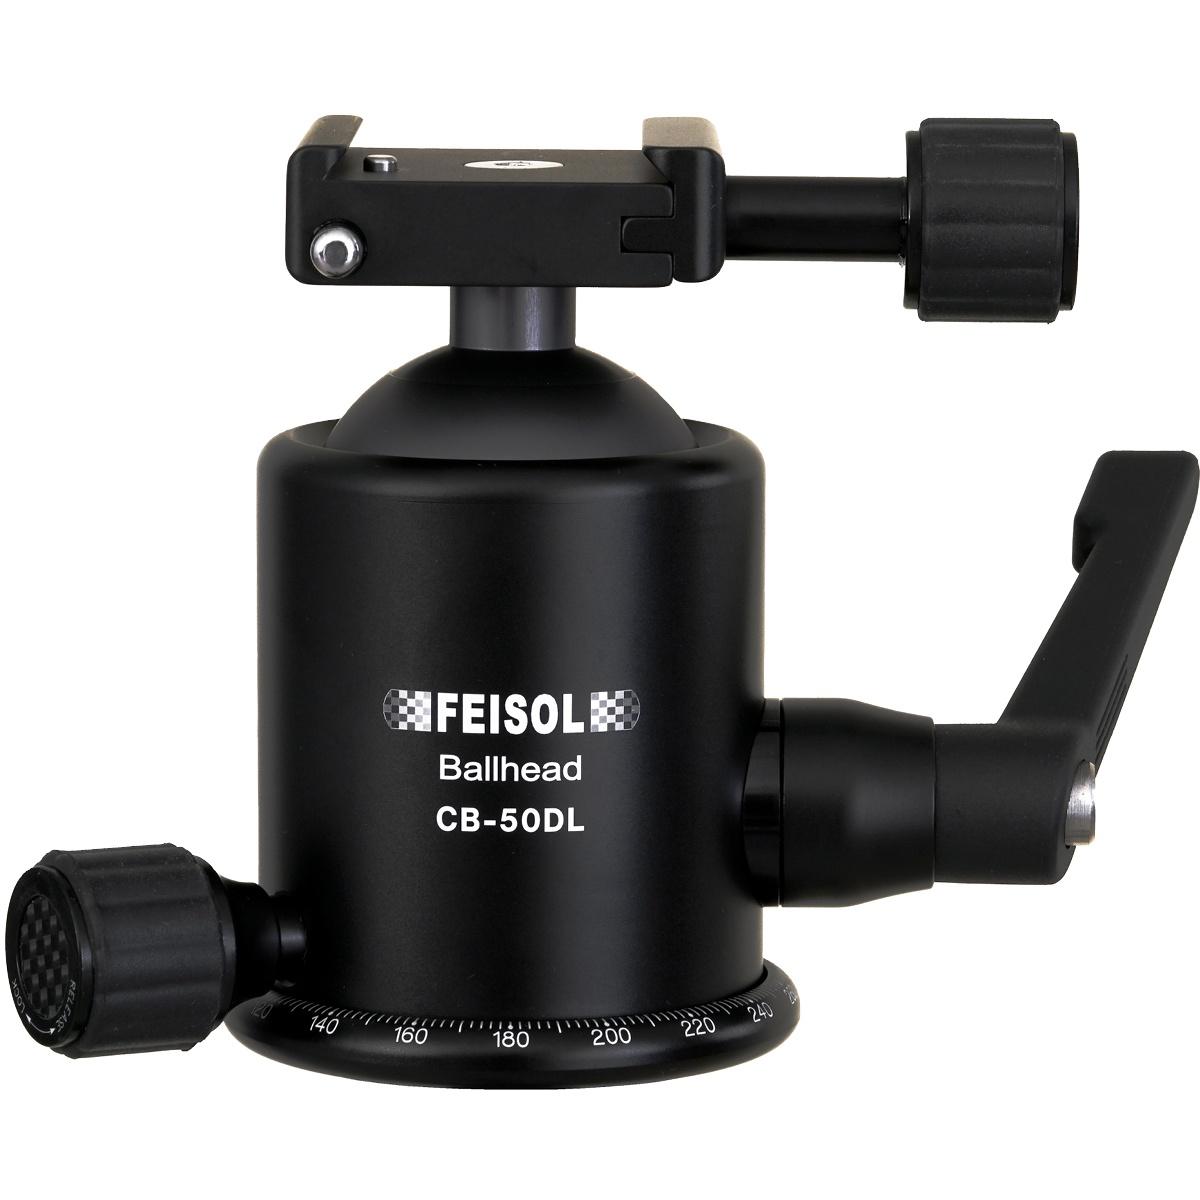 Feisol Kugelkopf CB-50DL